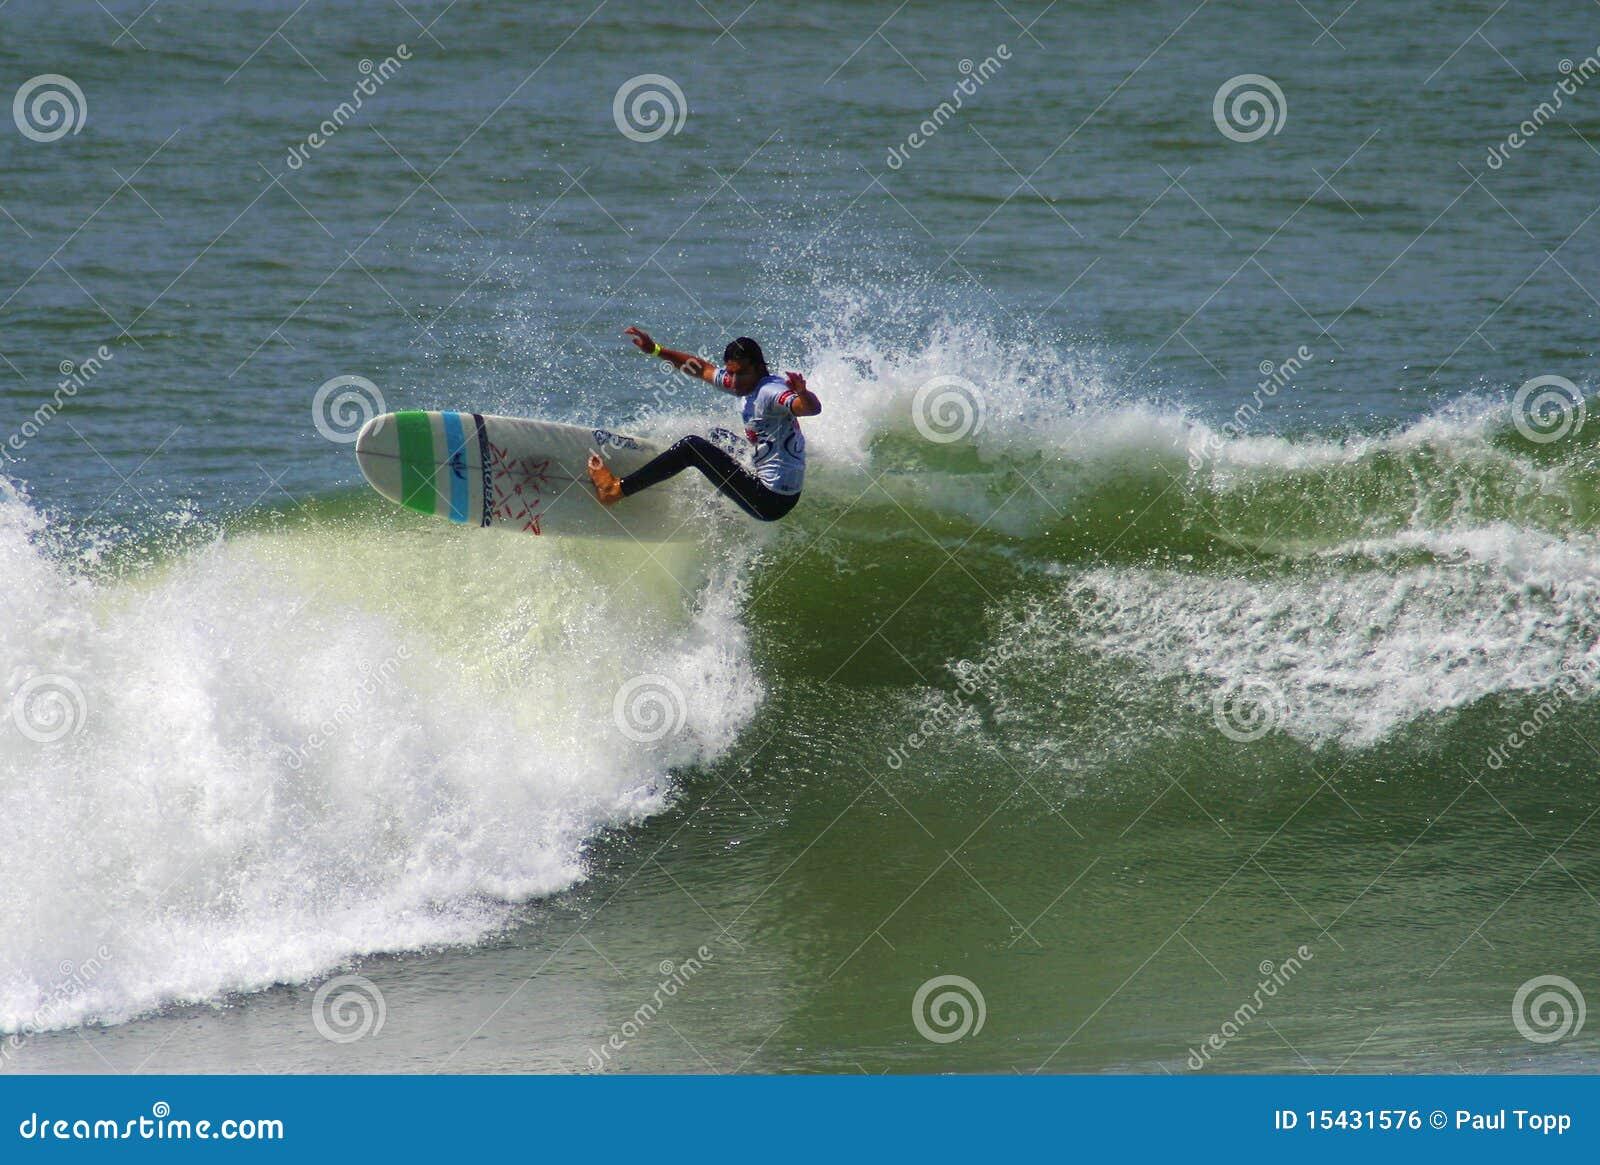 För france för angletantoine delpero surfa surfare